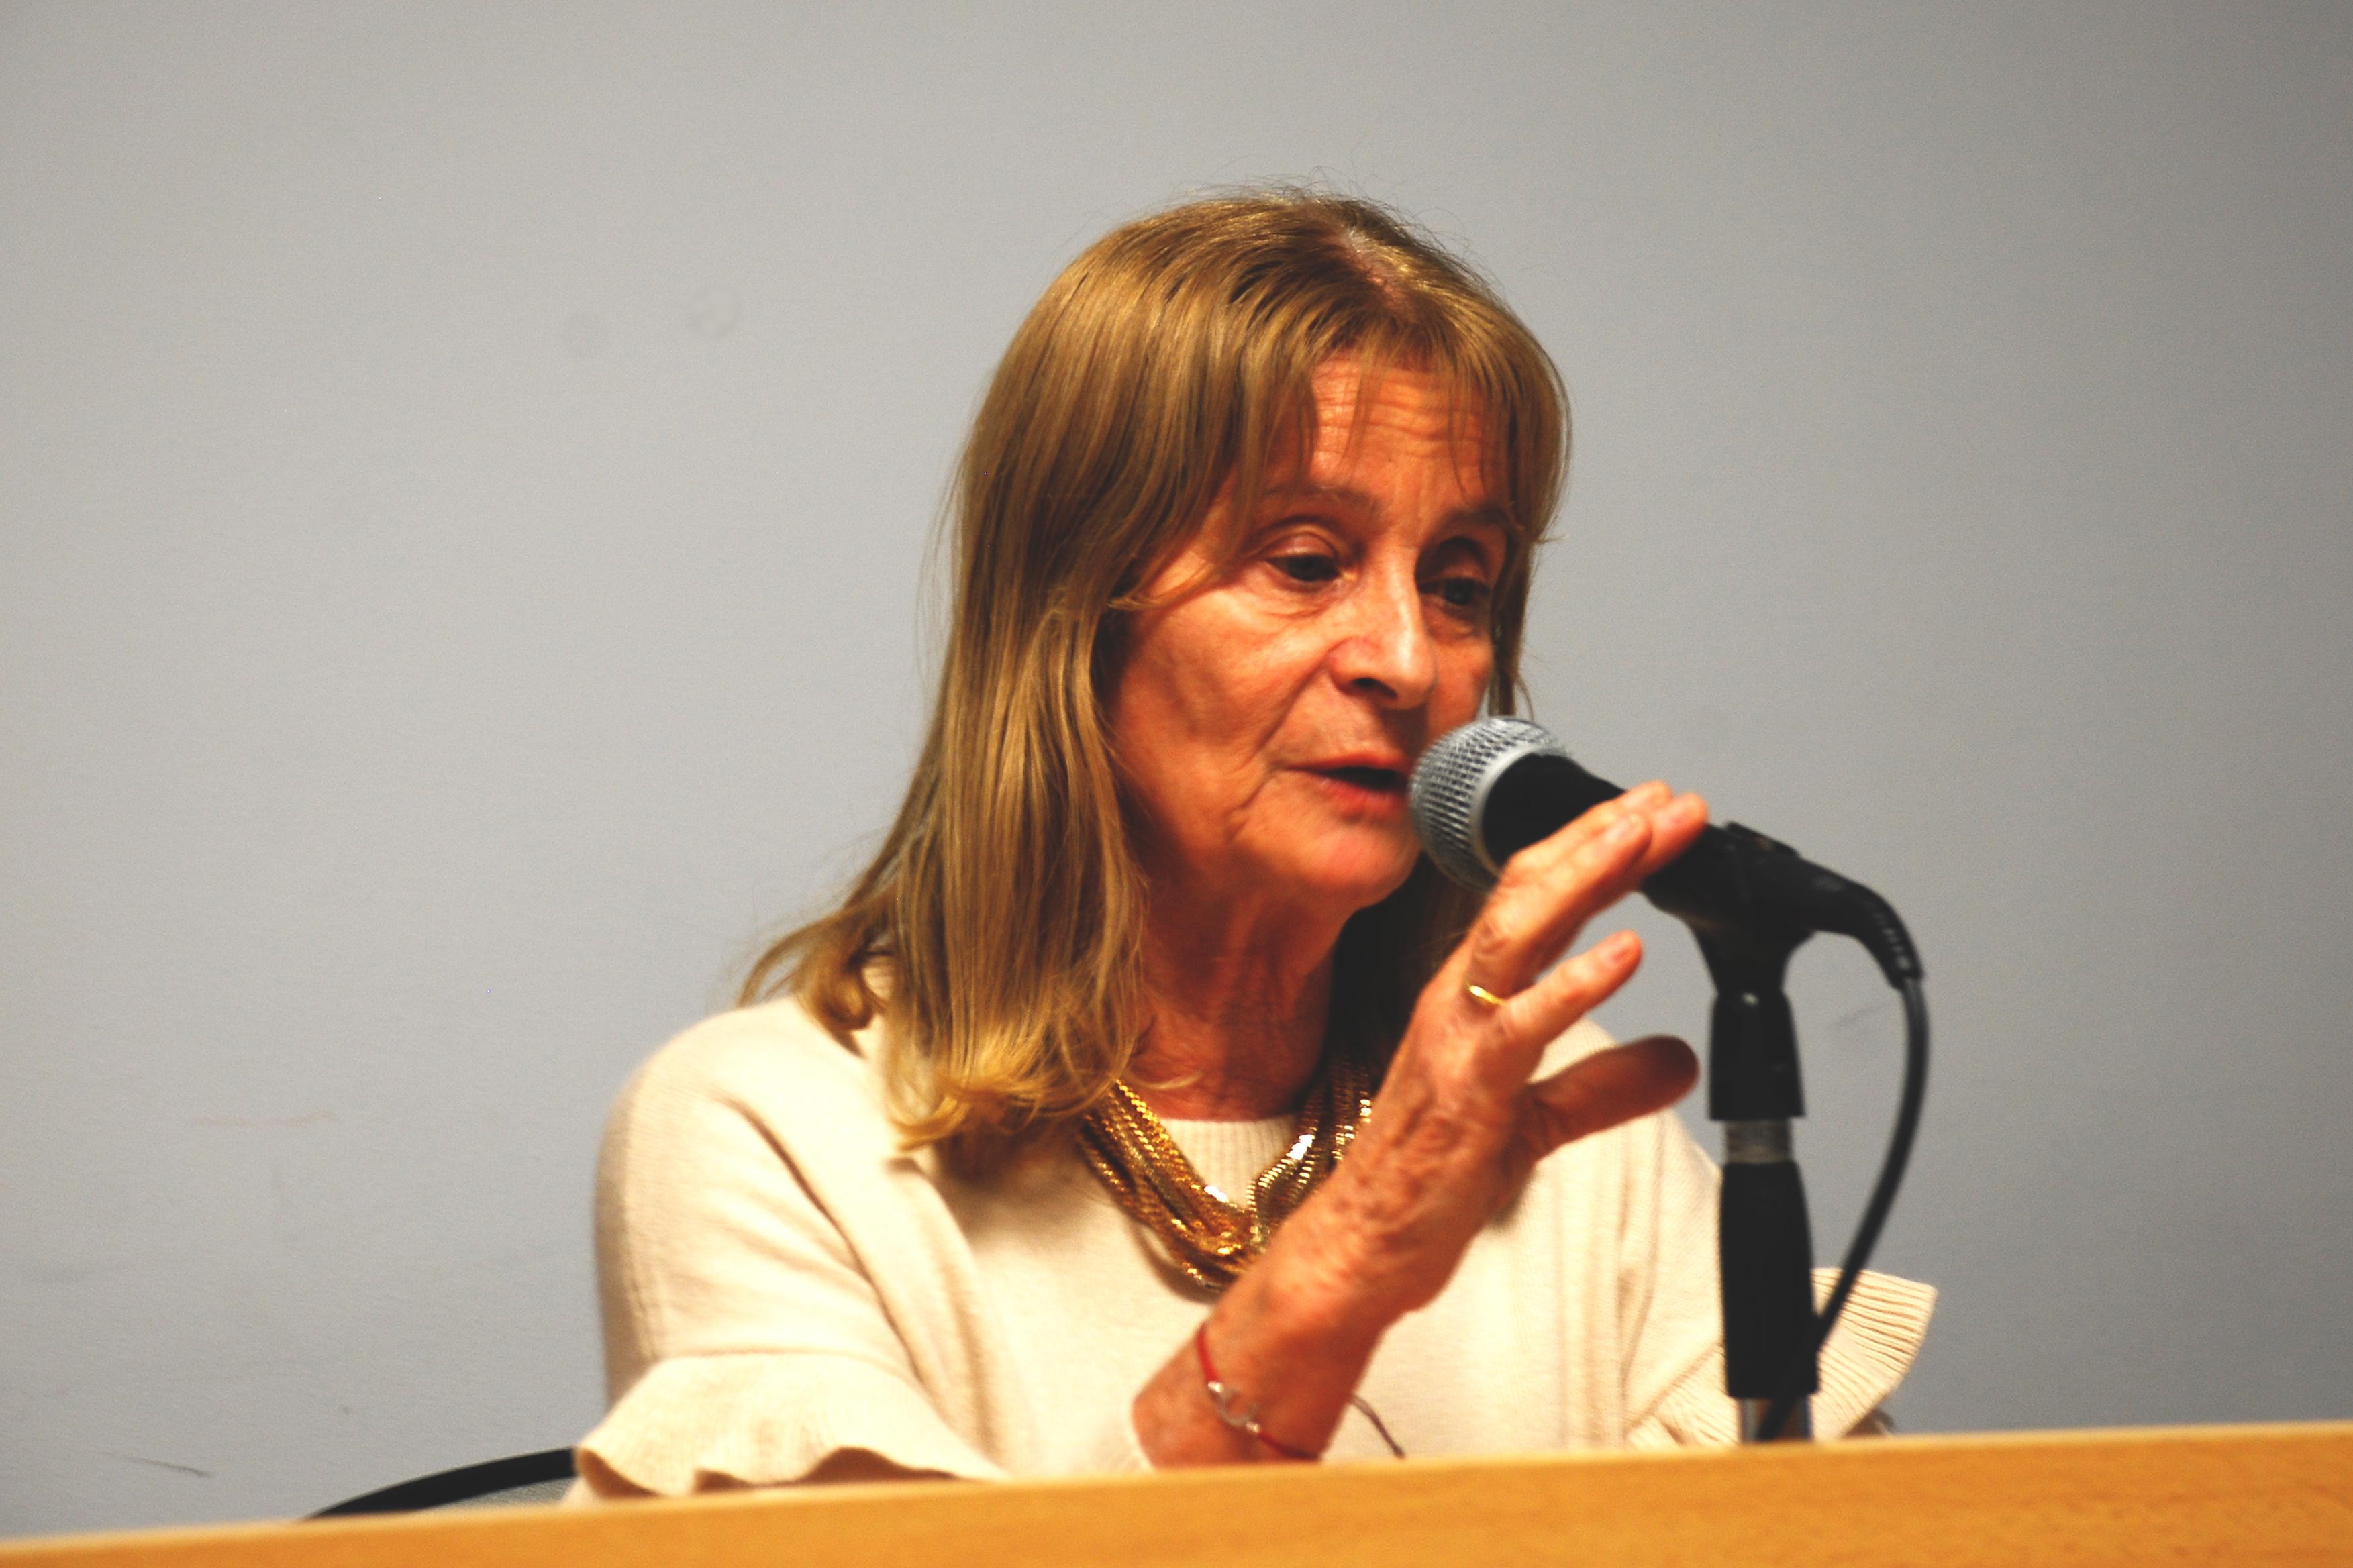 Graciela Perrone